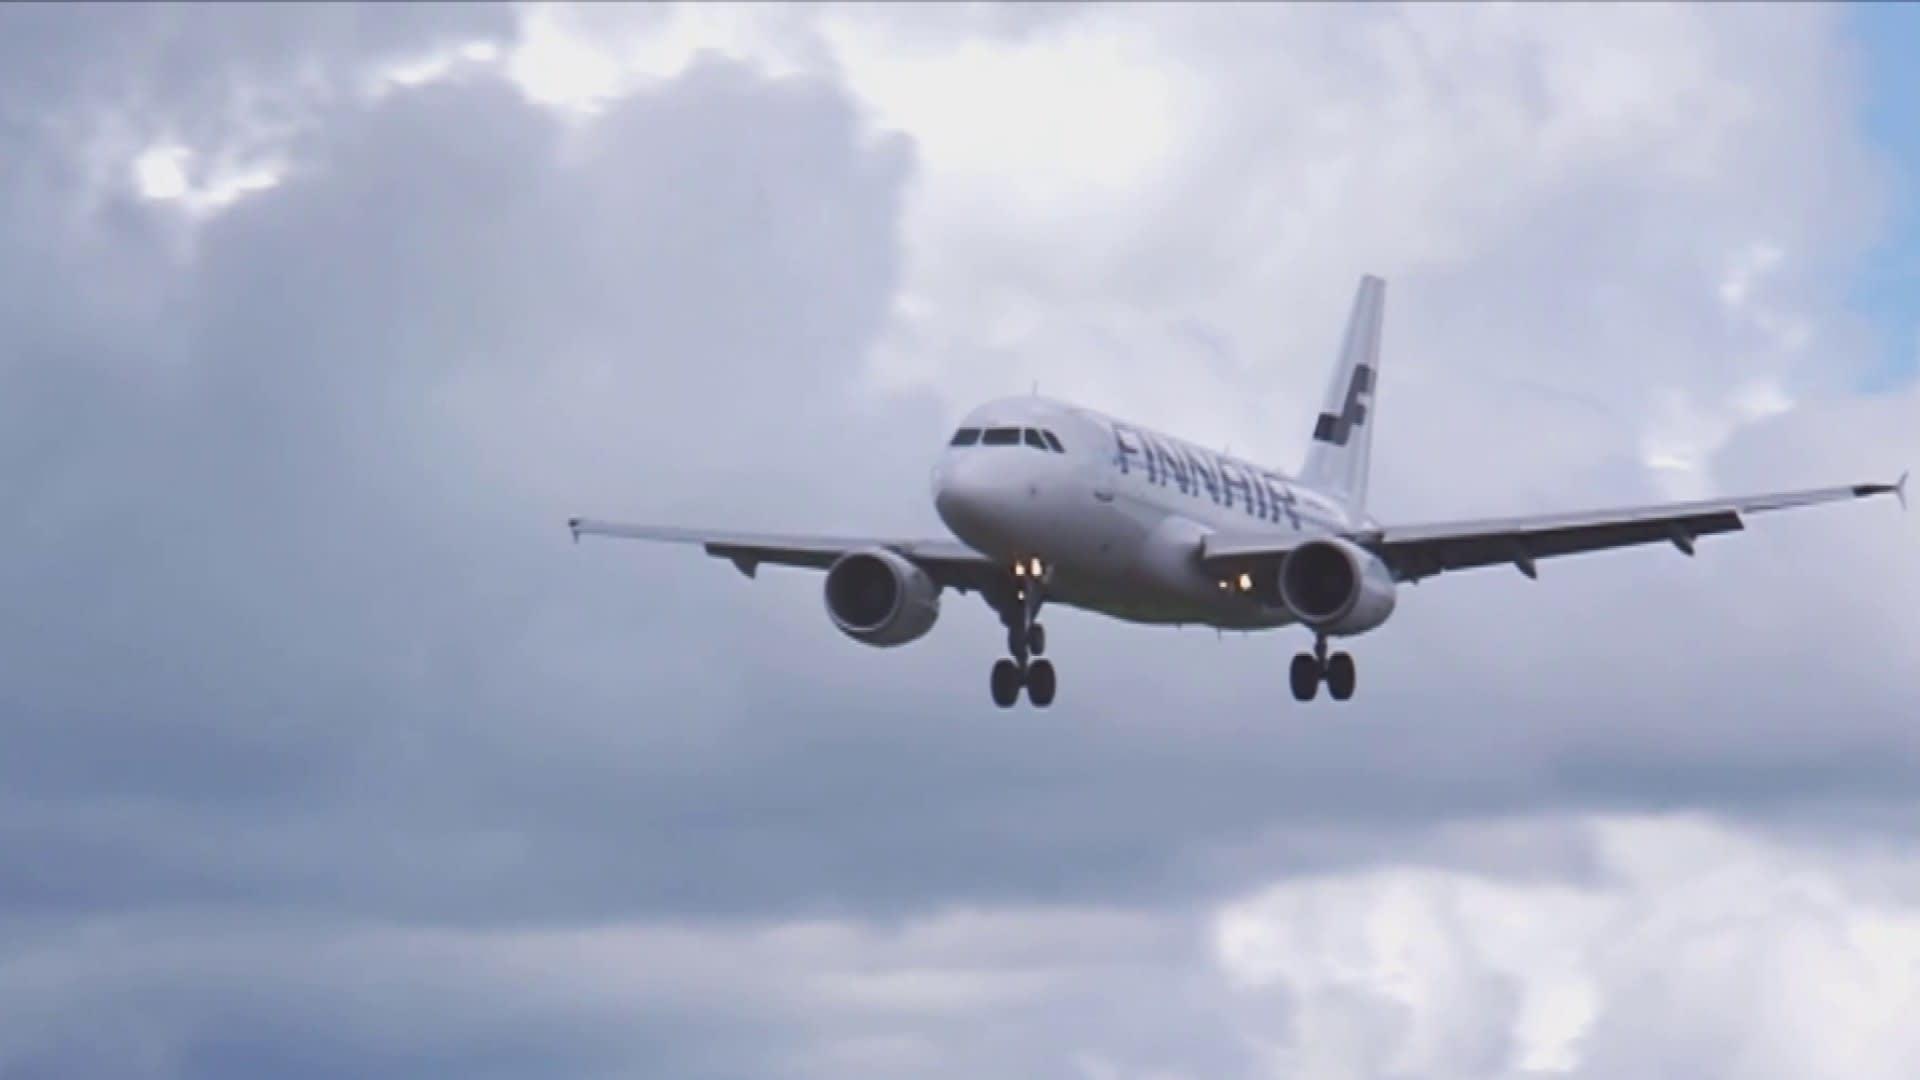 Finnair vie Aasiaan kalaa, paluumatkalla mukana on mm. elektroniikkaa